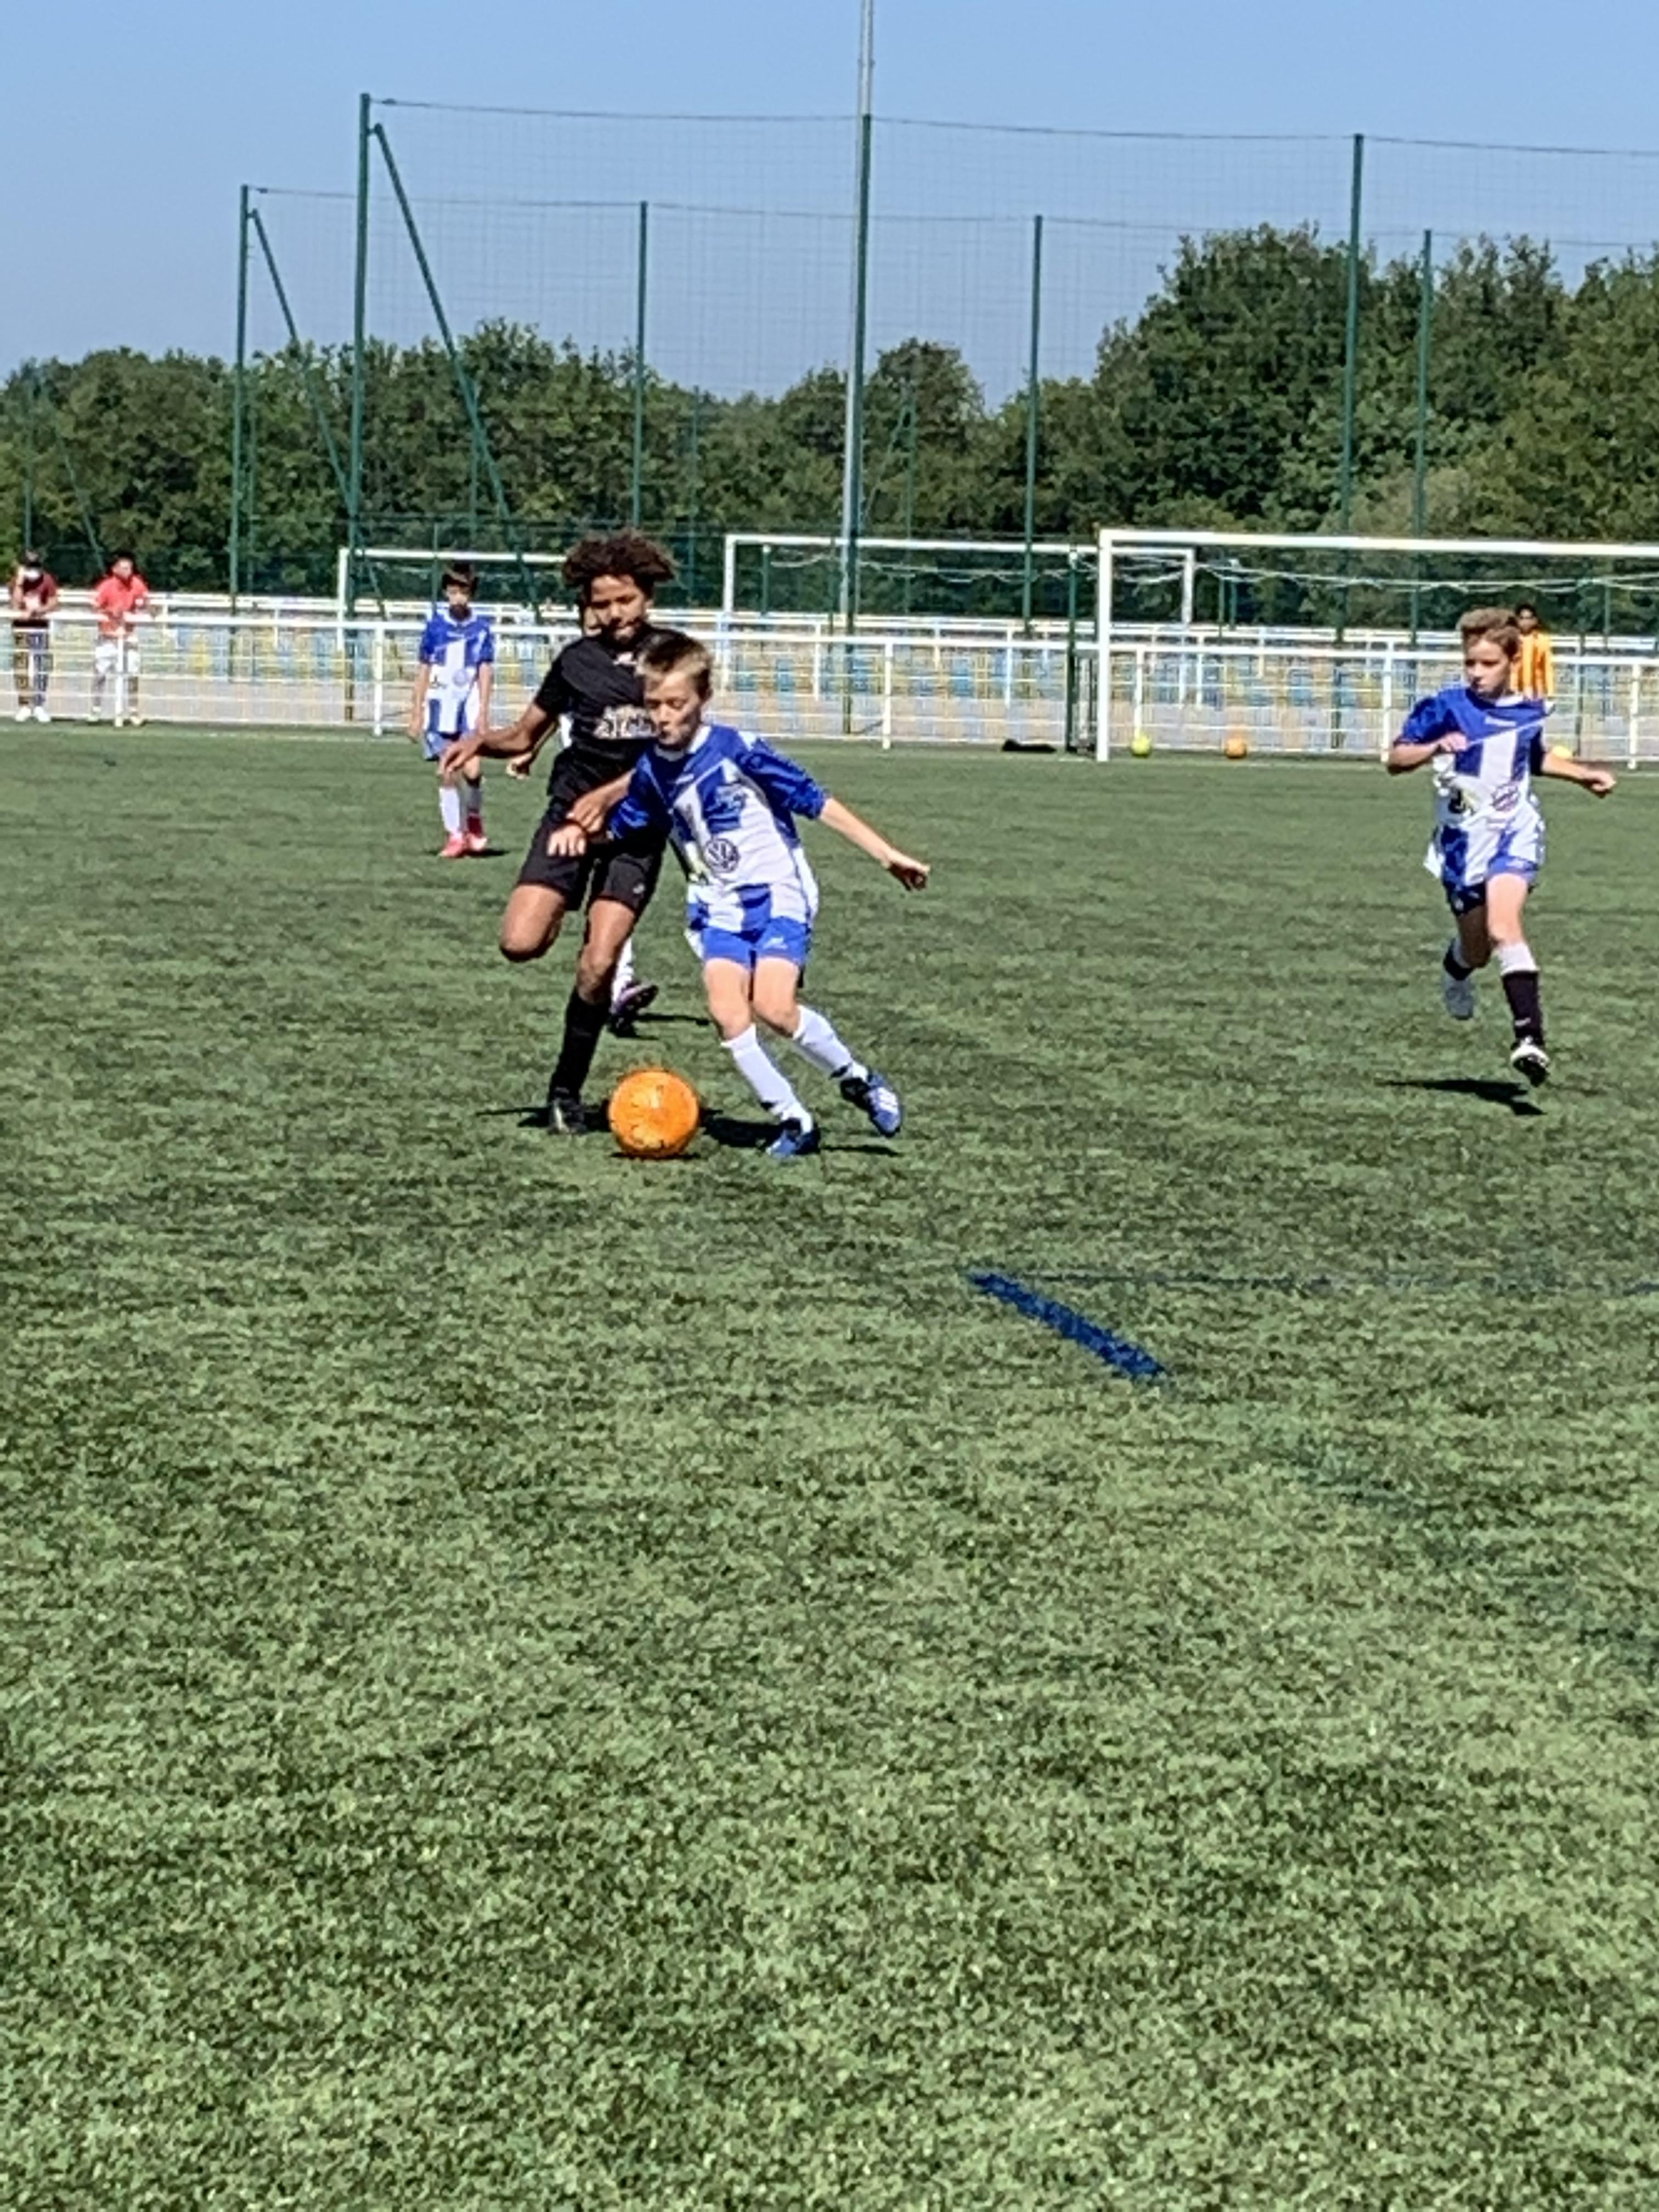 Photos du match U12 Treillières VS Sporting Club de Nantes samedi 12 juin 2021 !